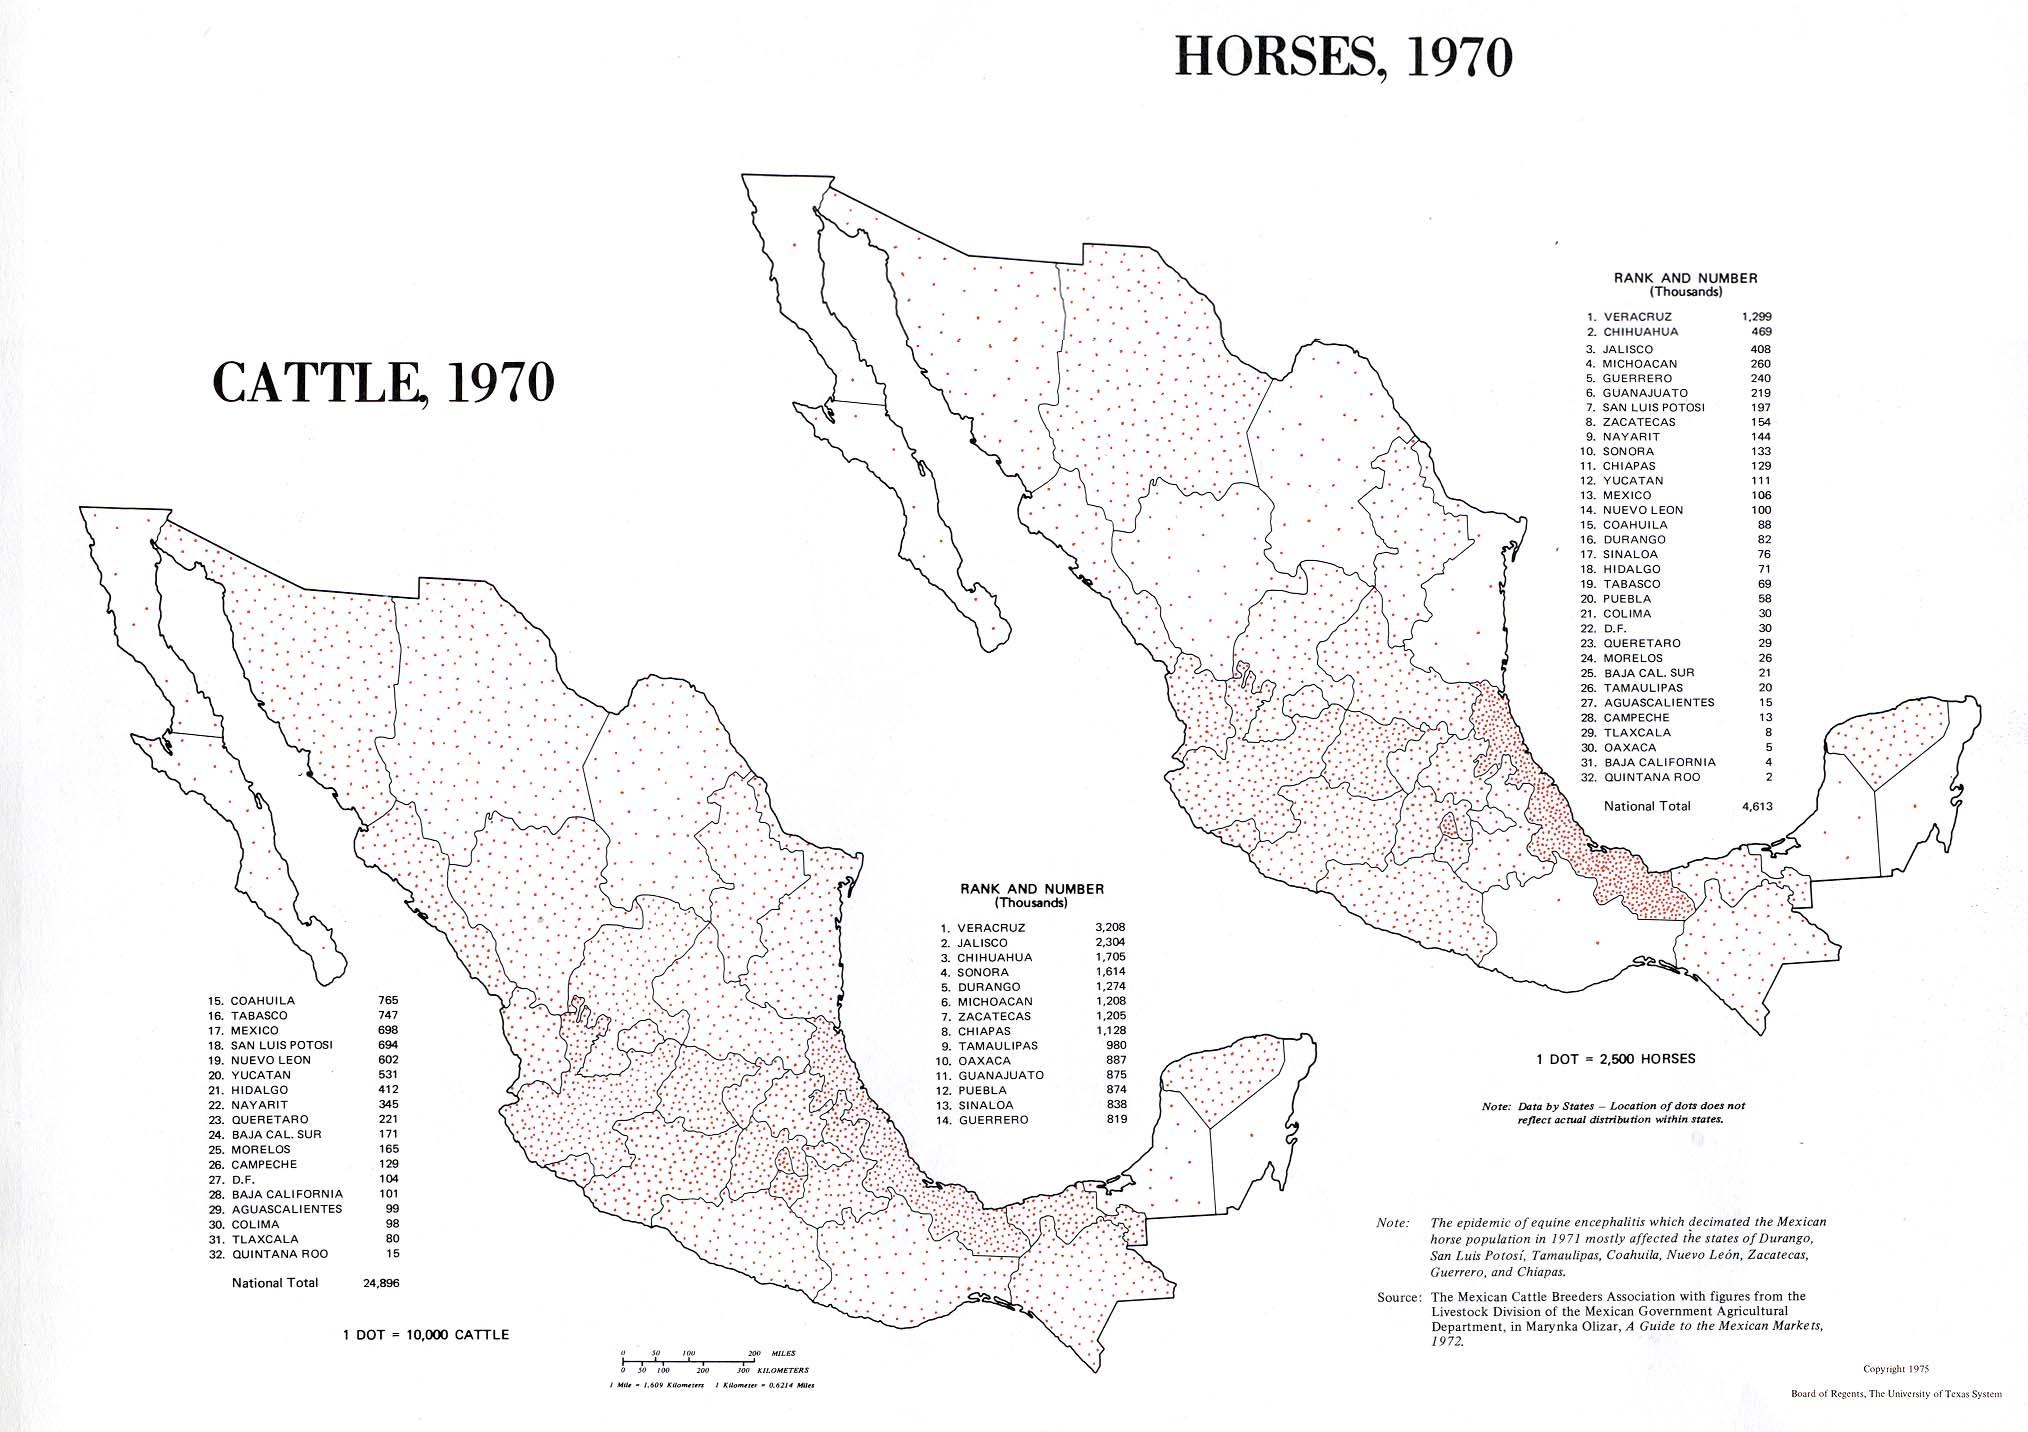 Mapa de Distribución del Ganado y de los Caballos, México 1970